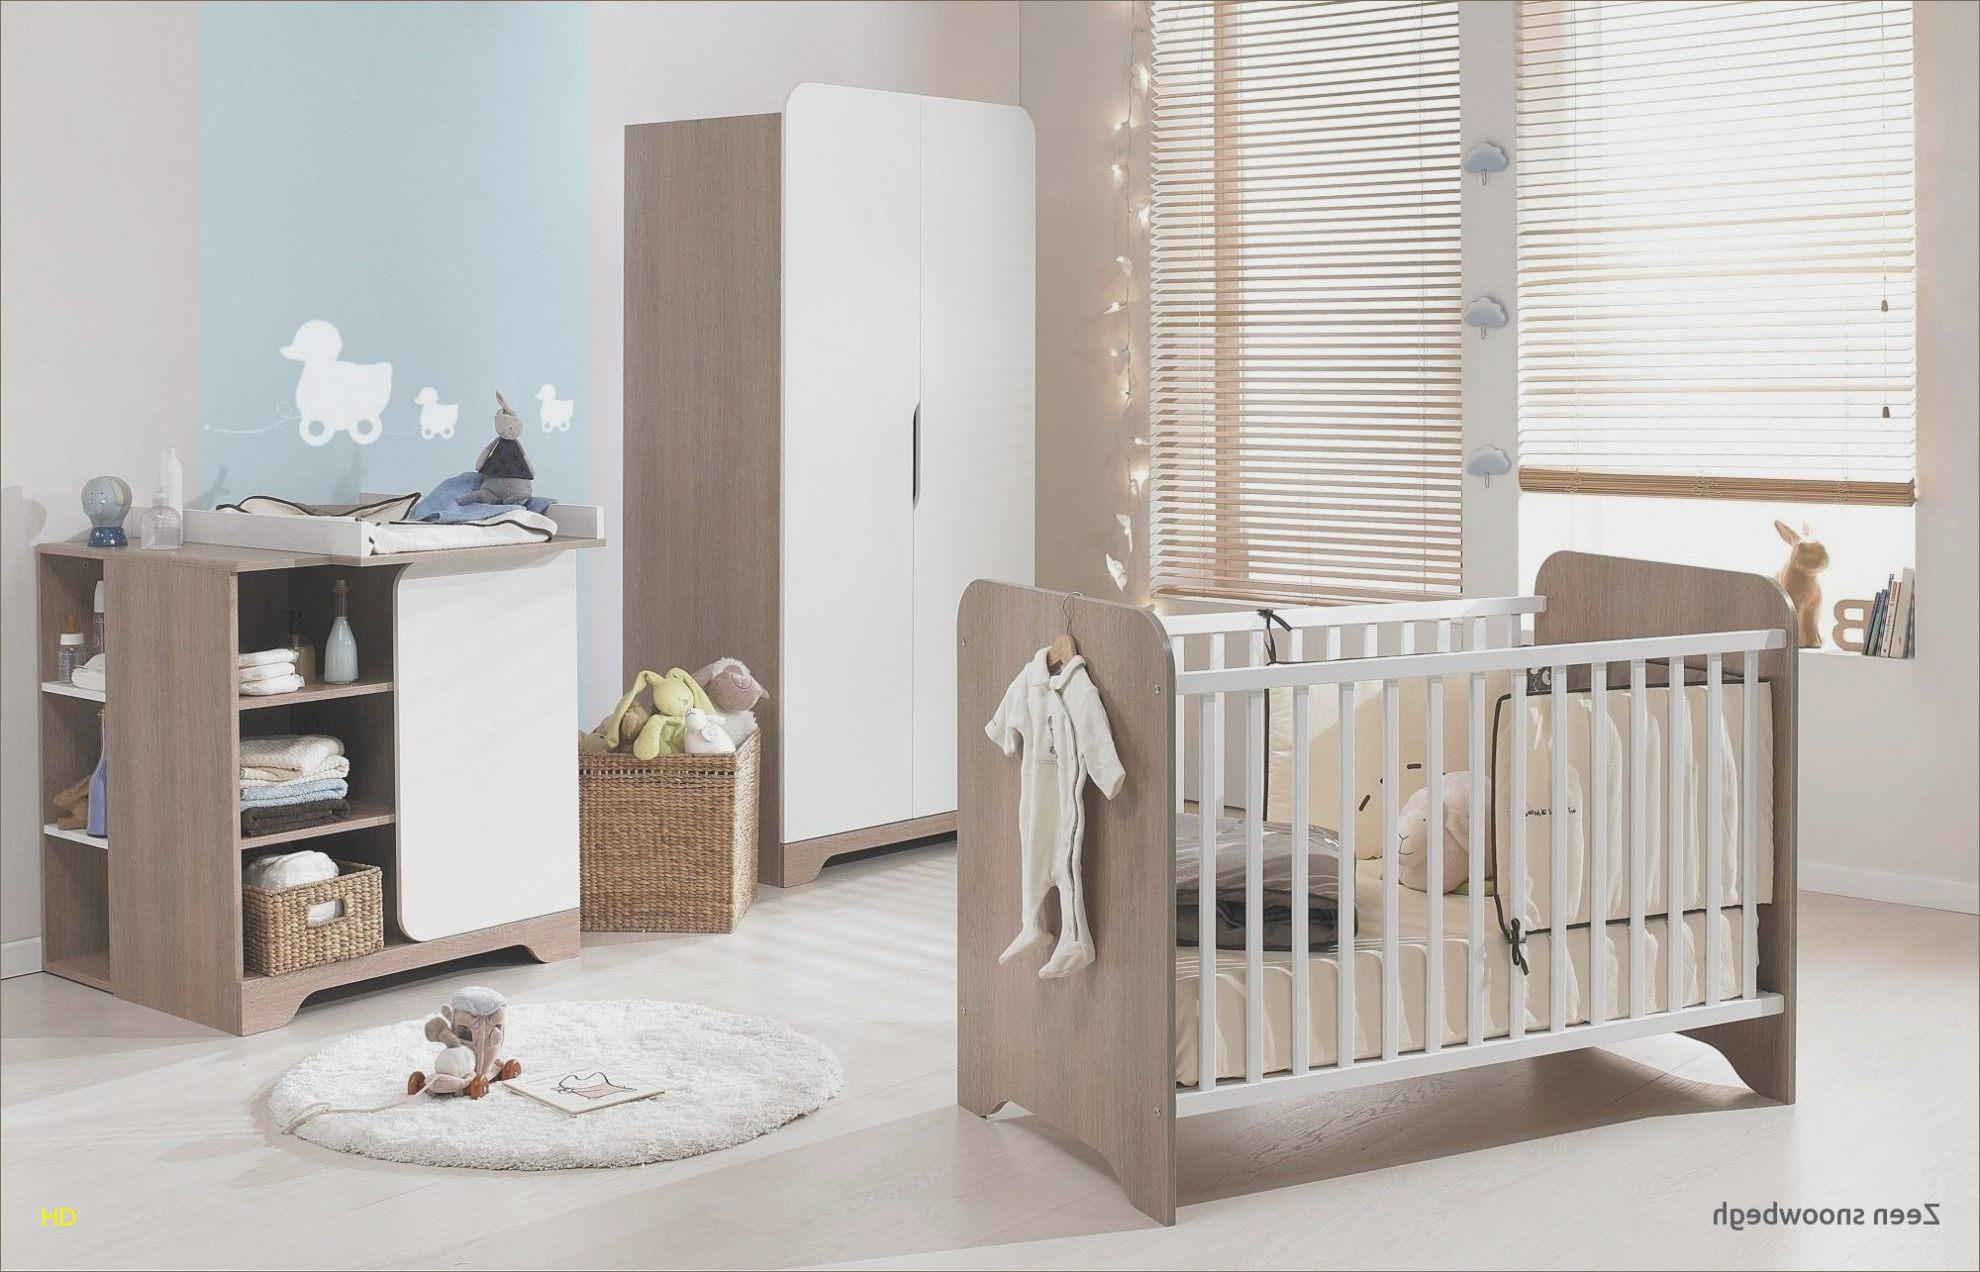 Lit Enfant Montessori De Luxe Lit Pour Nourrisson Lit Pour Bebe Pas Cher Chambre Bébé Montessori